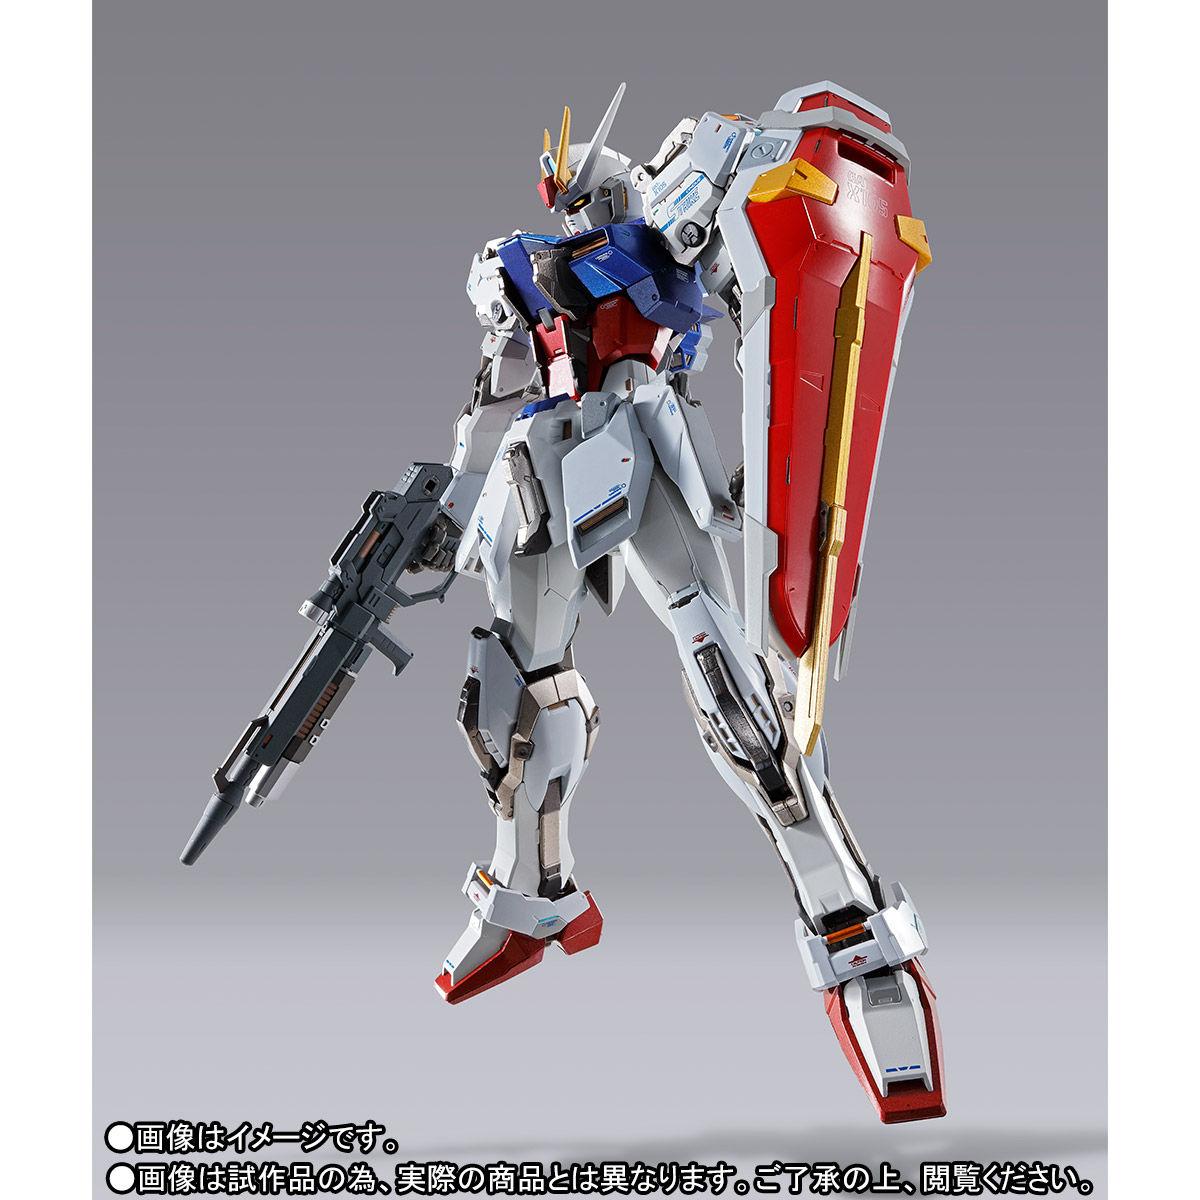 【受注販売】METAL BUILD『ストライクガンダム』機動戦士ガンダムSEED 可動フィギュア-002